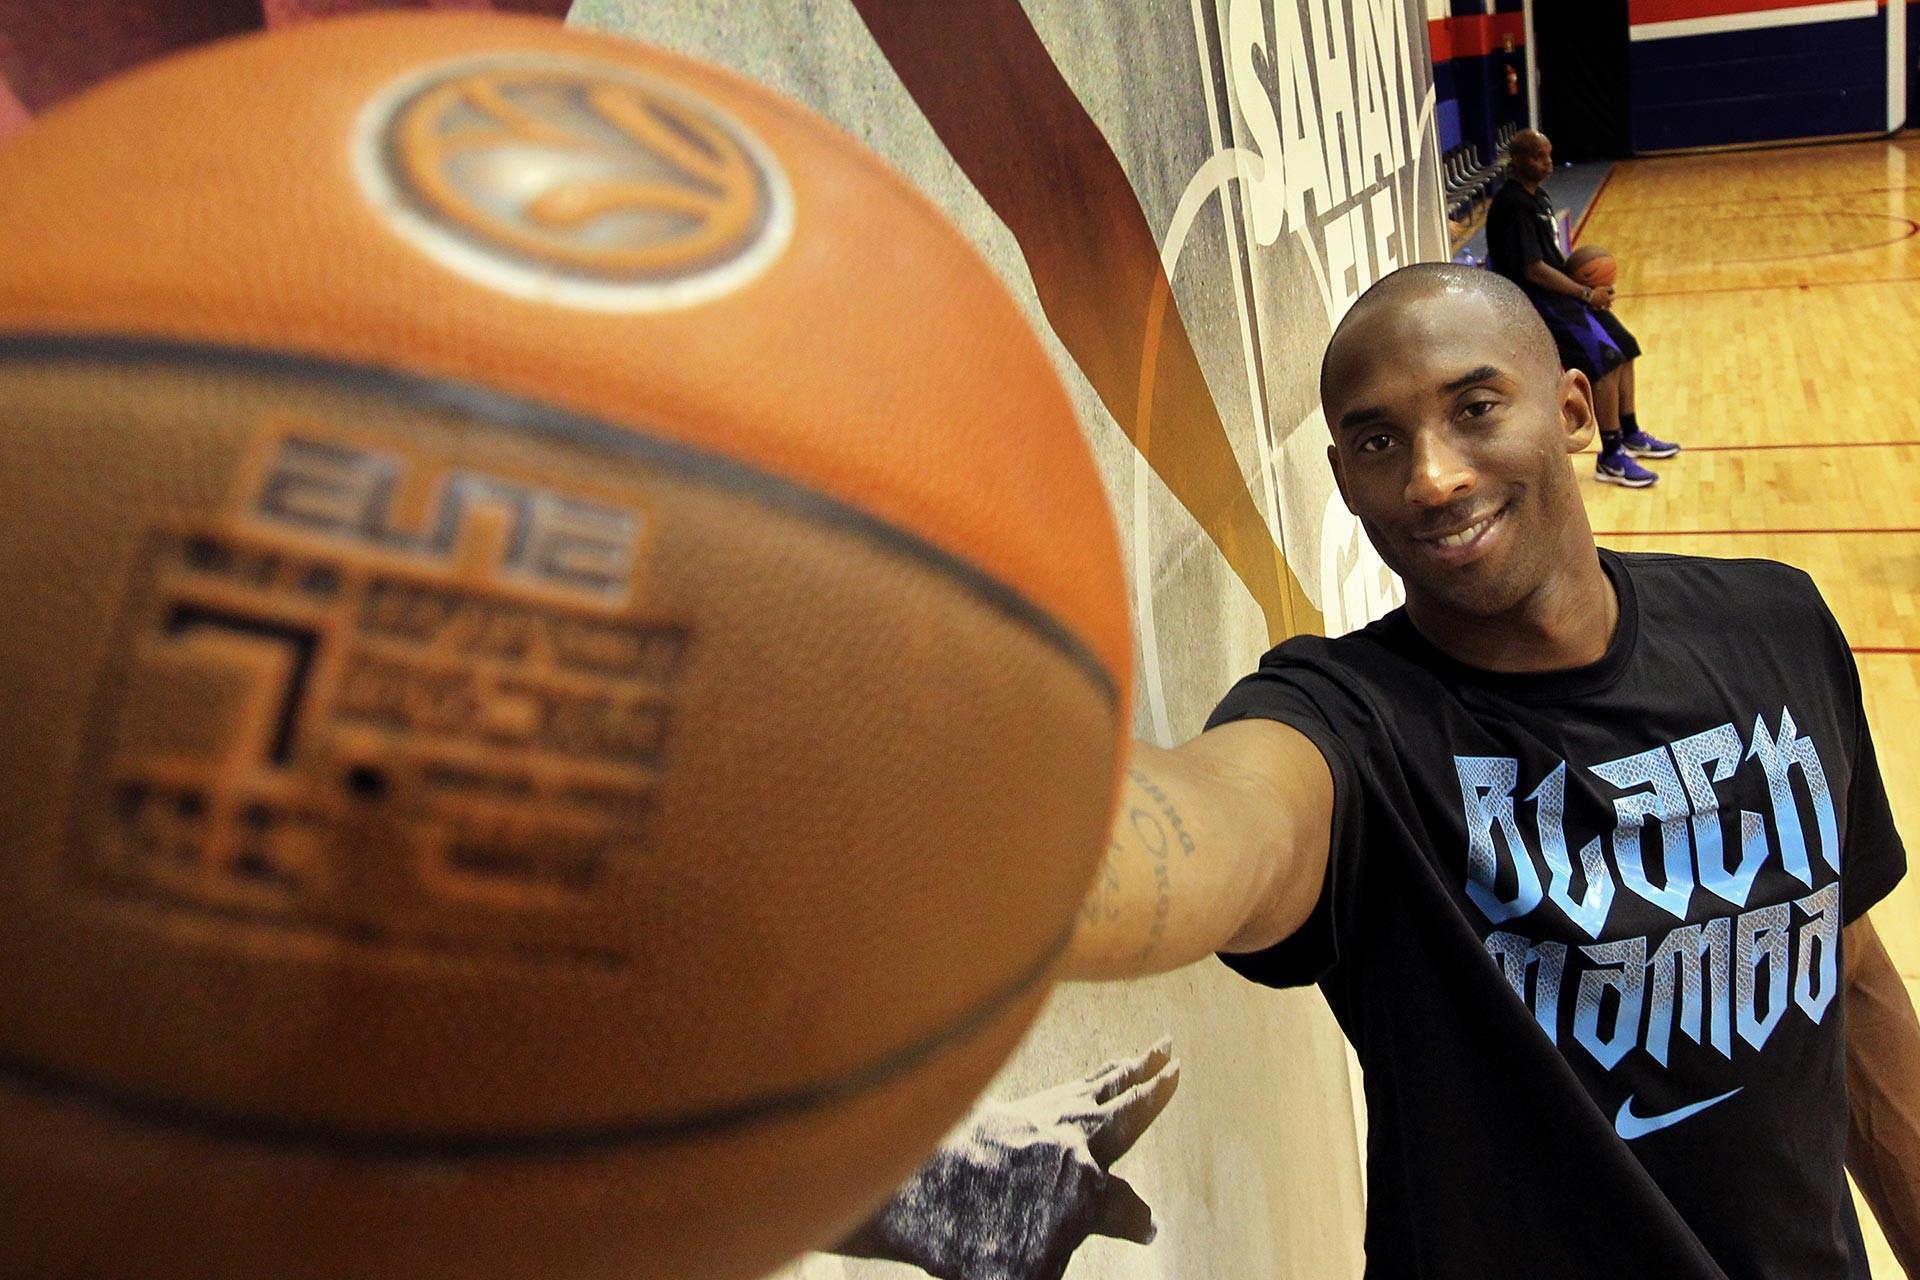 Kobe Bryant, üzerinde 'Black Mamba' (Kara Mamba) yazılı tişört ve elinde basketbol topu ile